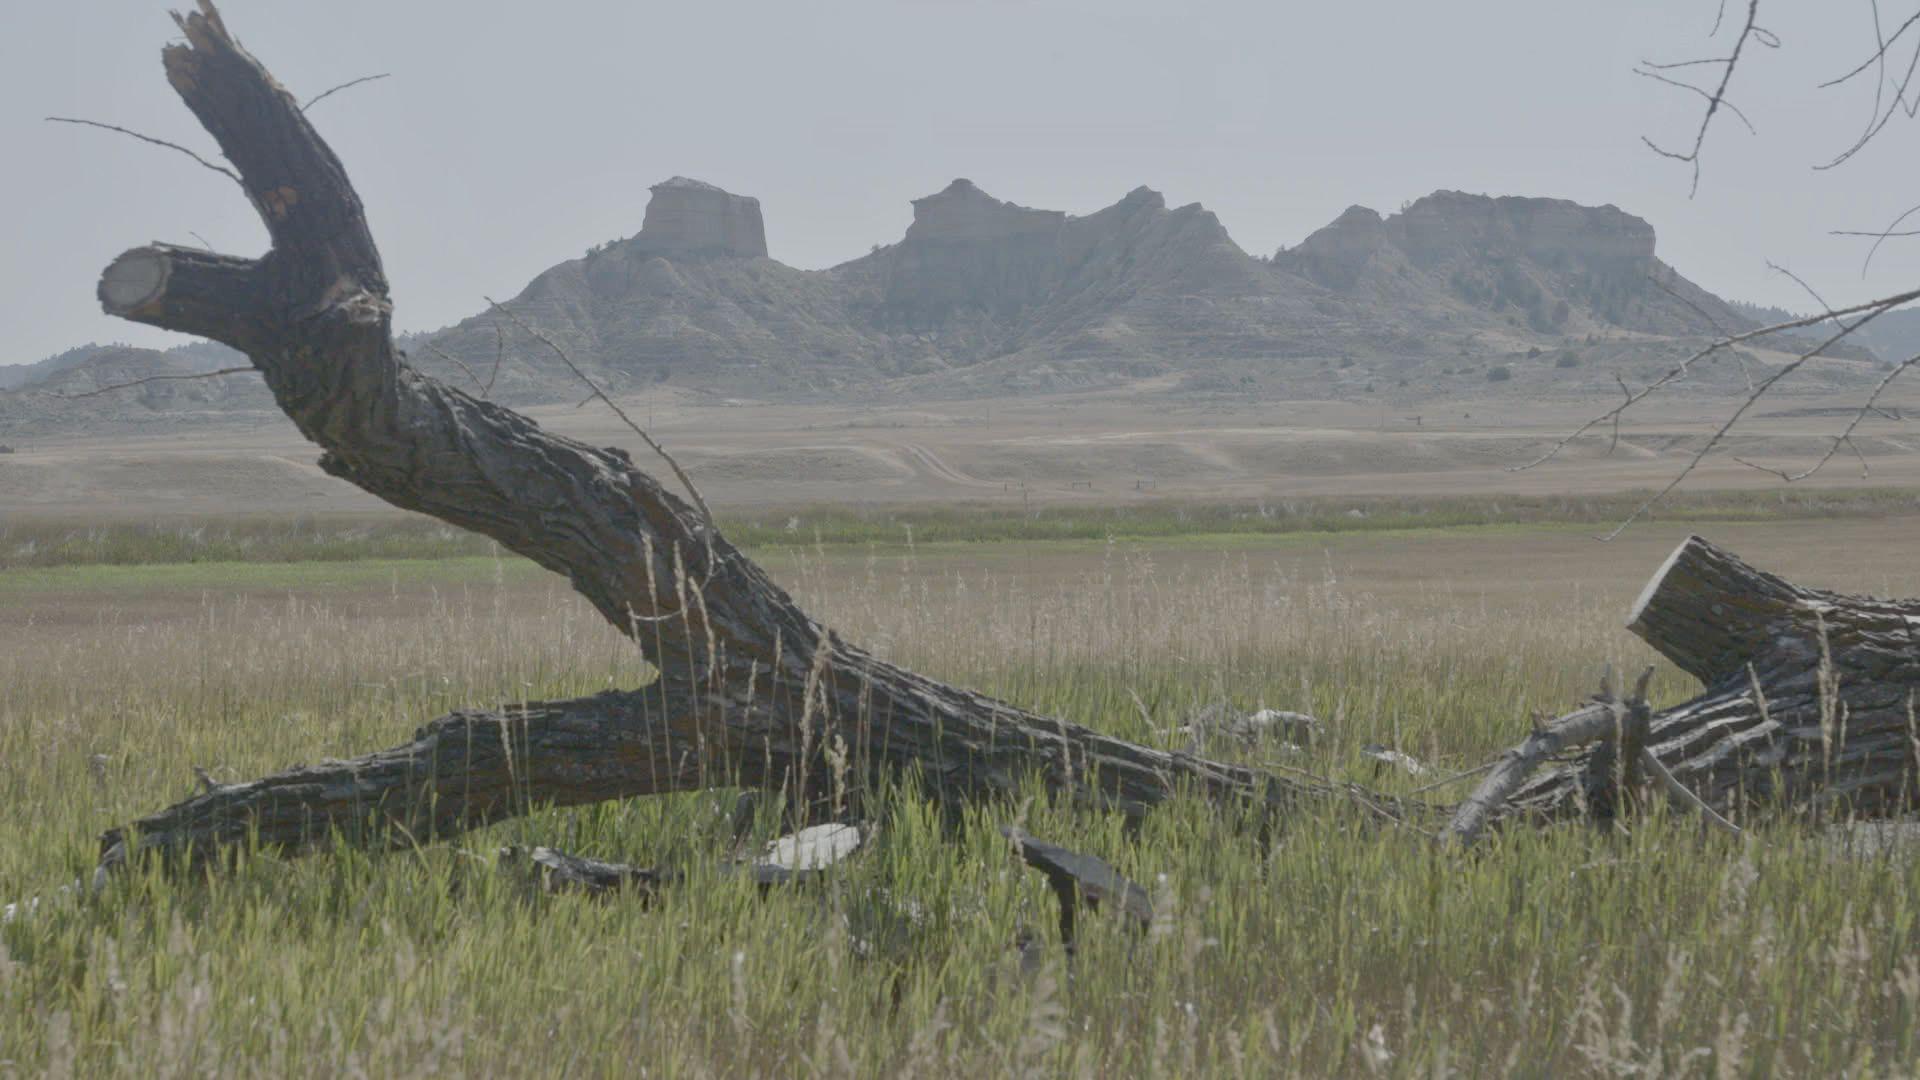 منظر طبيعي يصور الغرب الأمريكي القديم. هذه الصورة من... [Photo of the day - أكتوبر 2021]